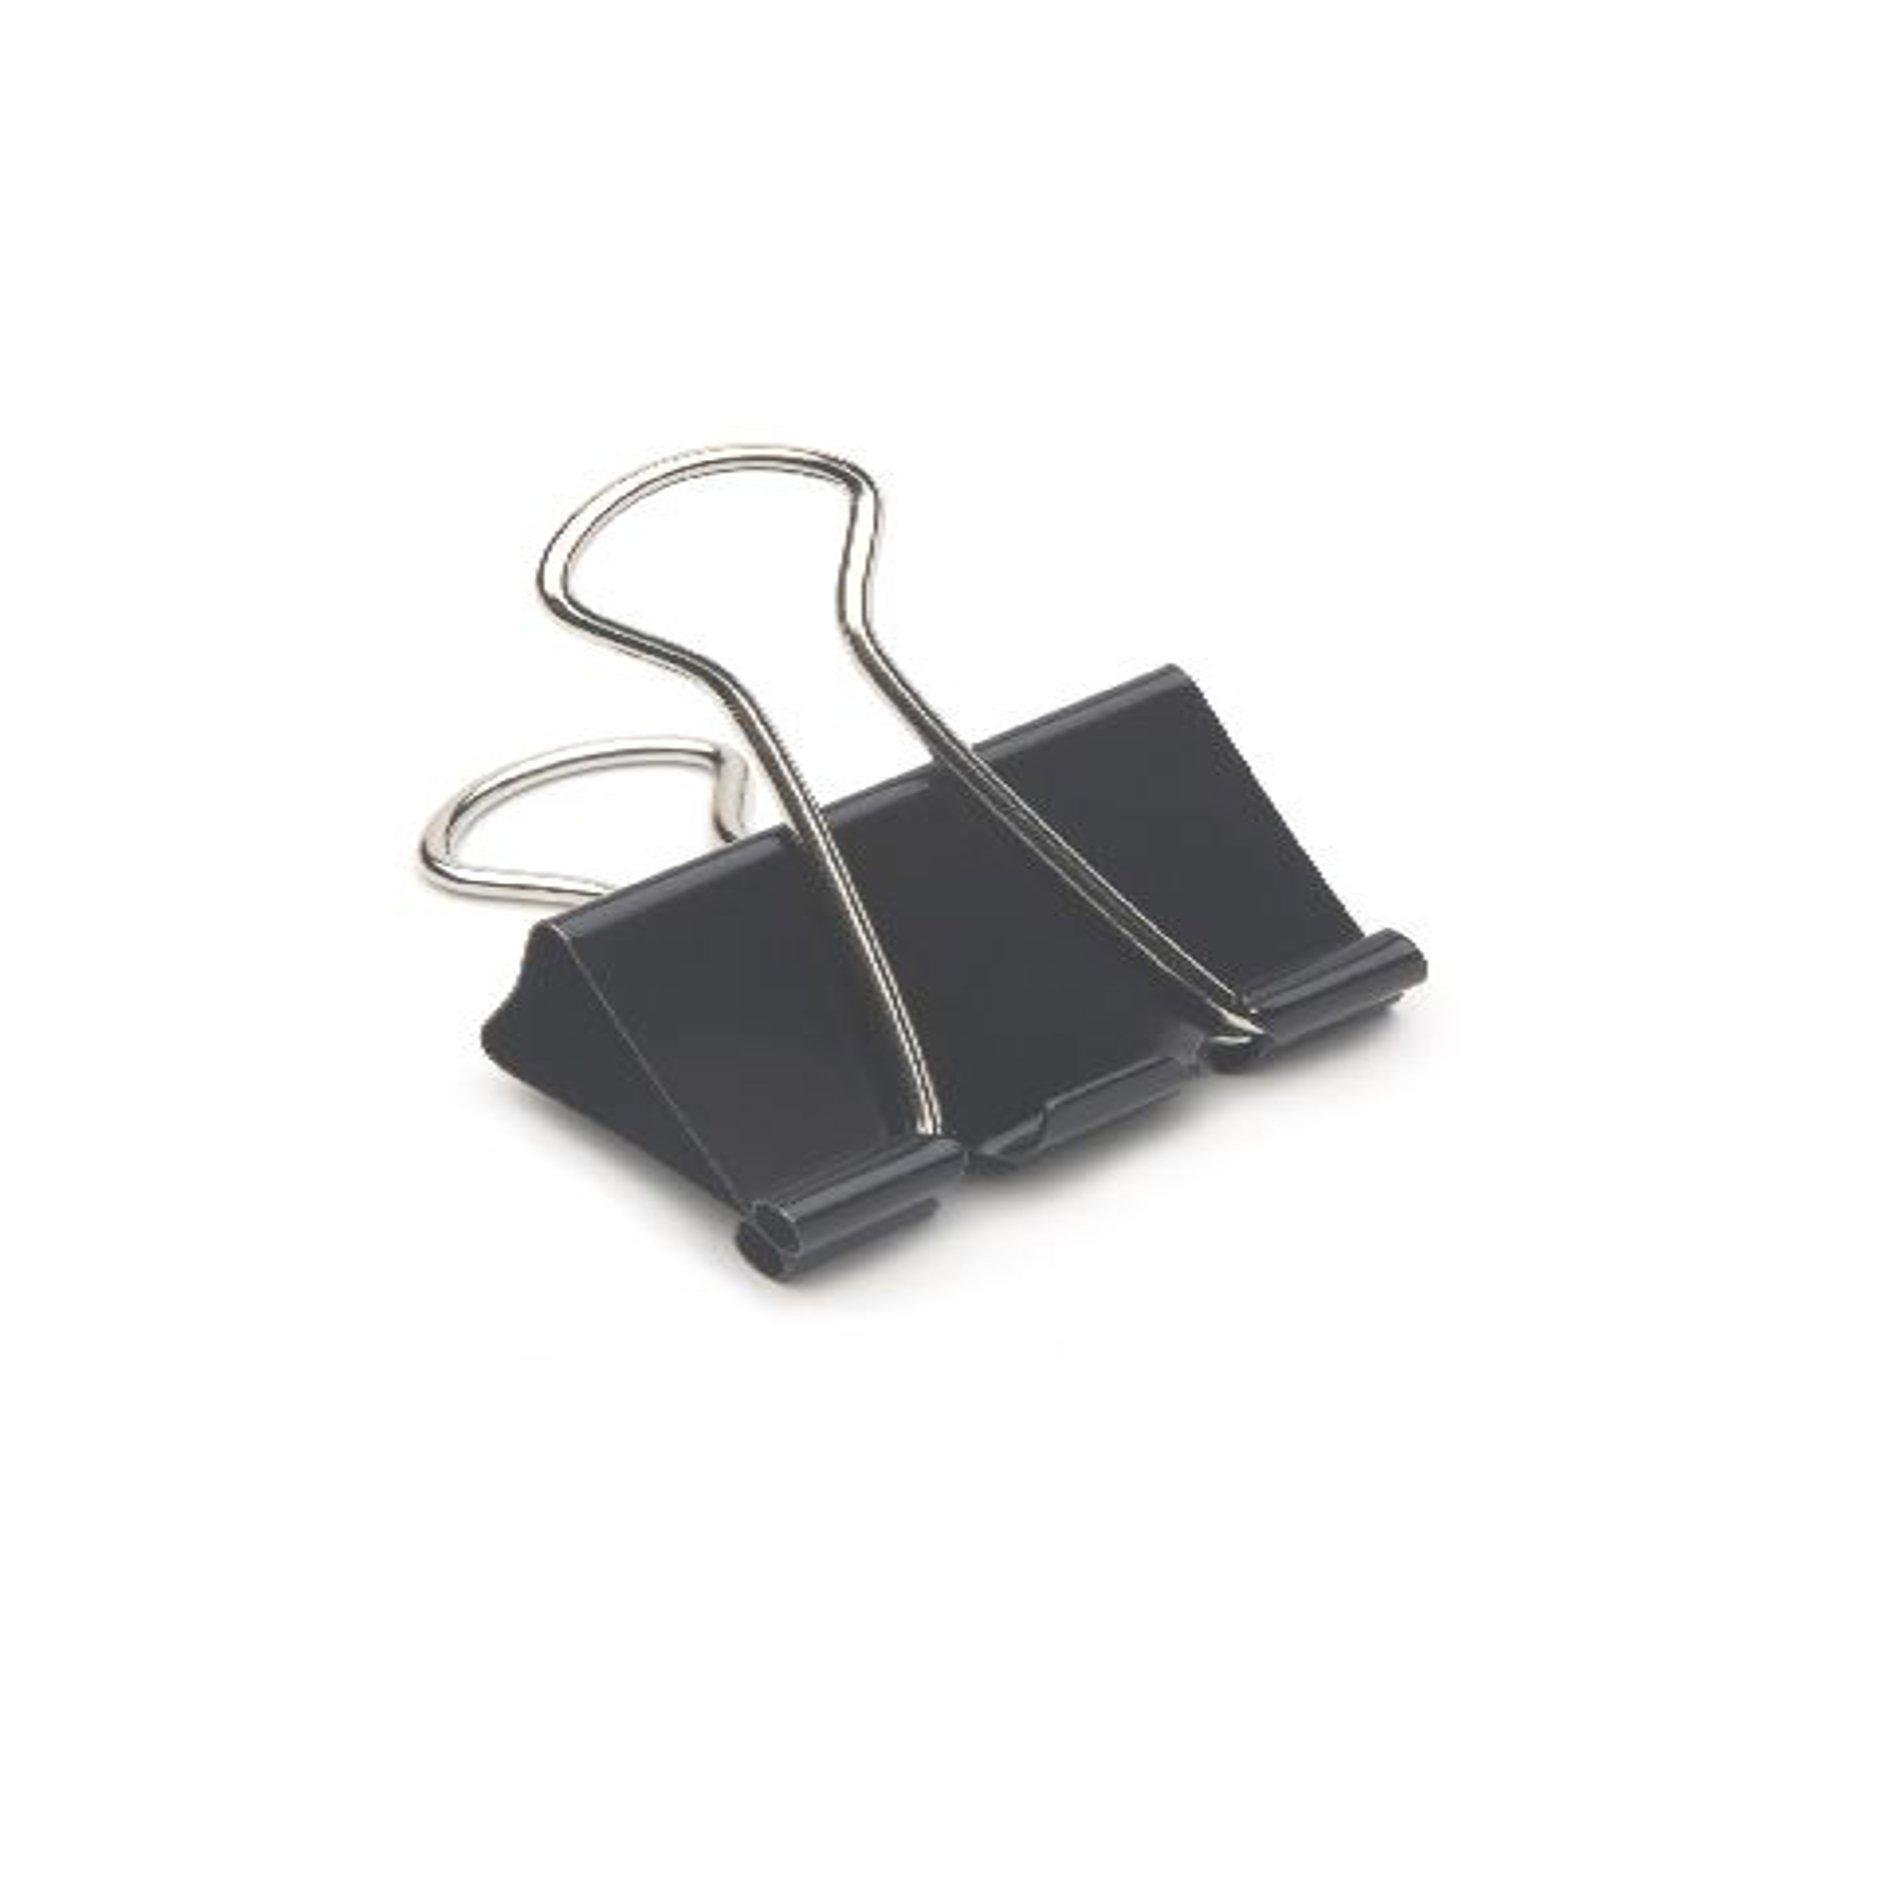 vielzweckk lammern 32mm 12pezzi mollette lettere per pinza, marchio di qualità inossidabile fermag